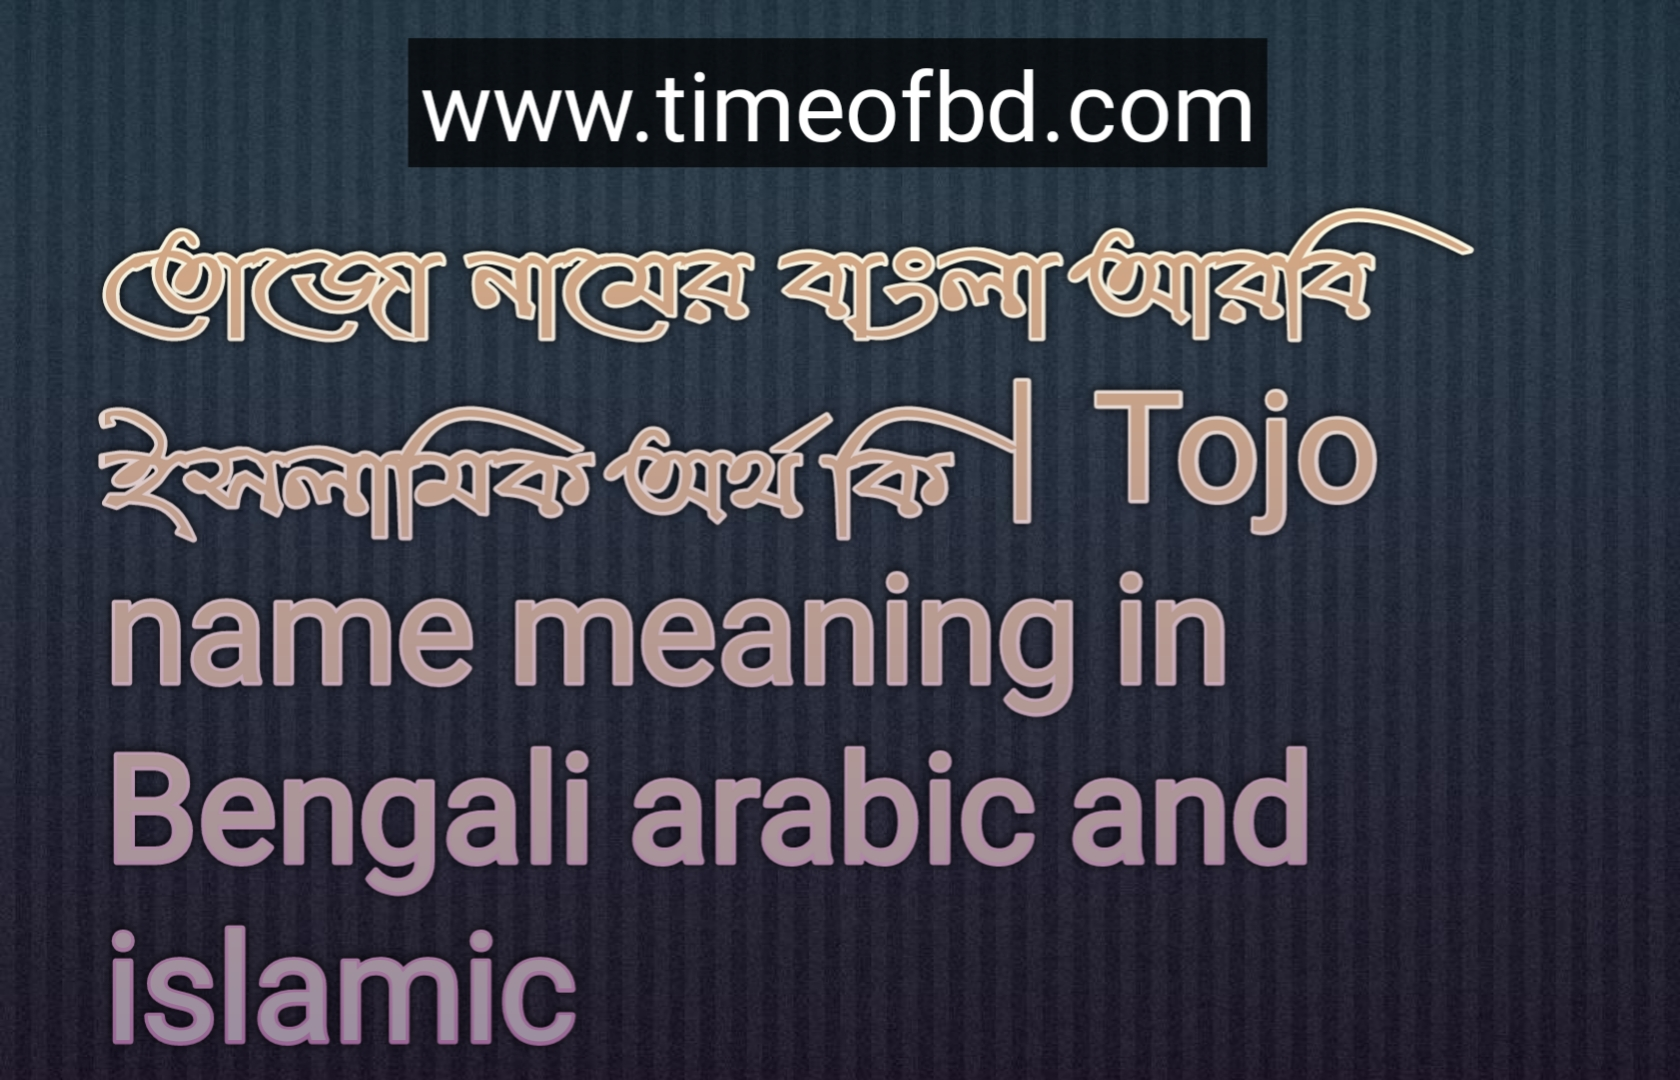 তোজো নামের অর্থ কি, তোজো নামের বাংলা অর্থ কি, তোজো নামের ইসলামিক অর্থ কি, Tojo name meaning in Bengali, তোজো কি ইসলামিক নাম,